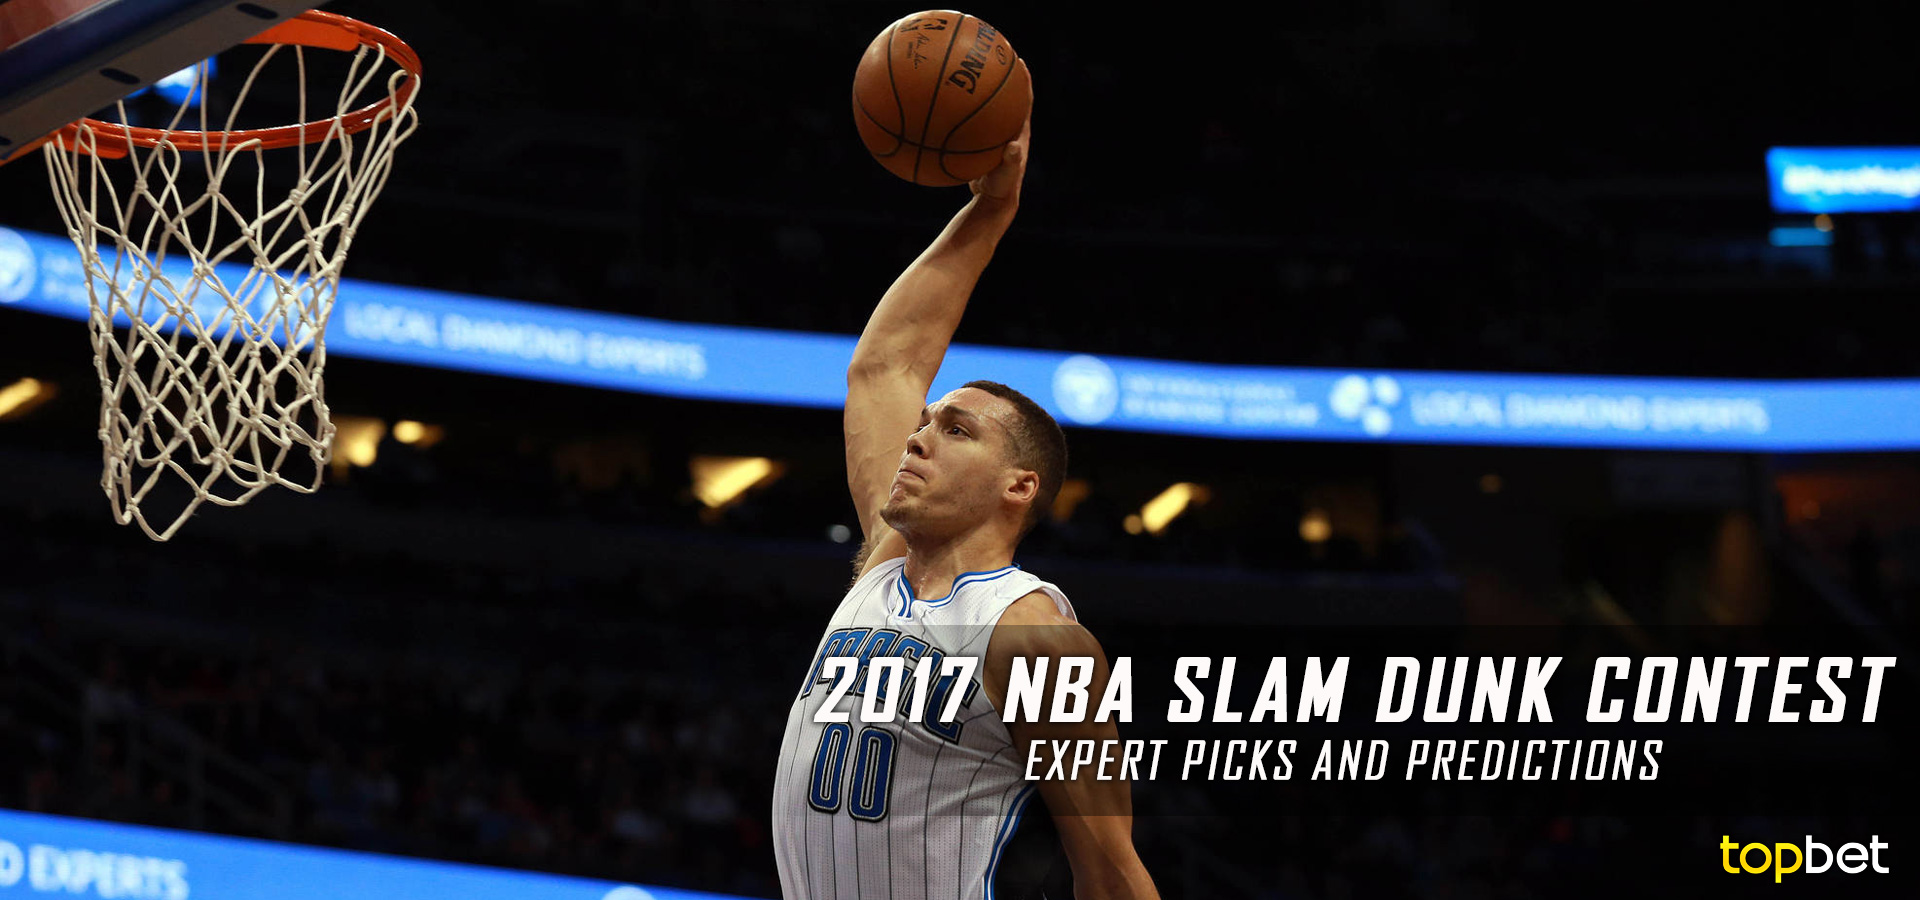 2017 NBA Slam Dunk Contest Expert Picks and Predictions